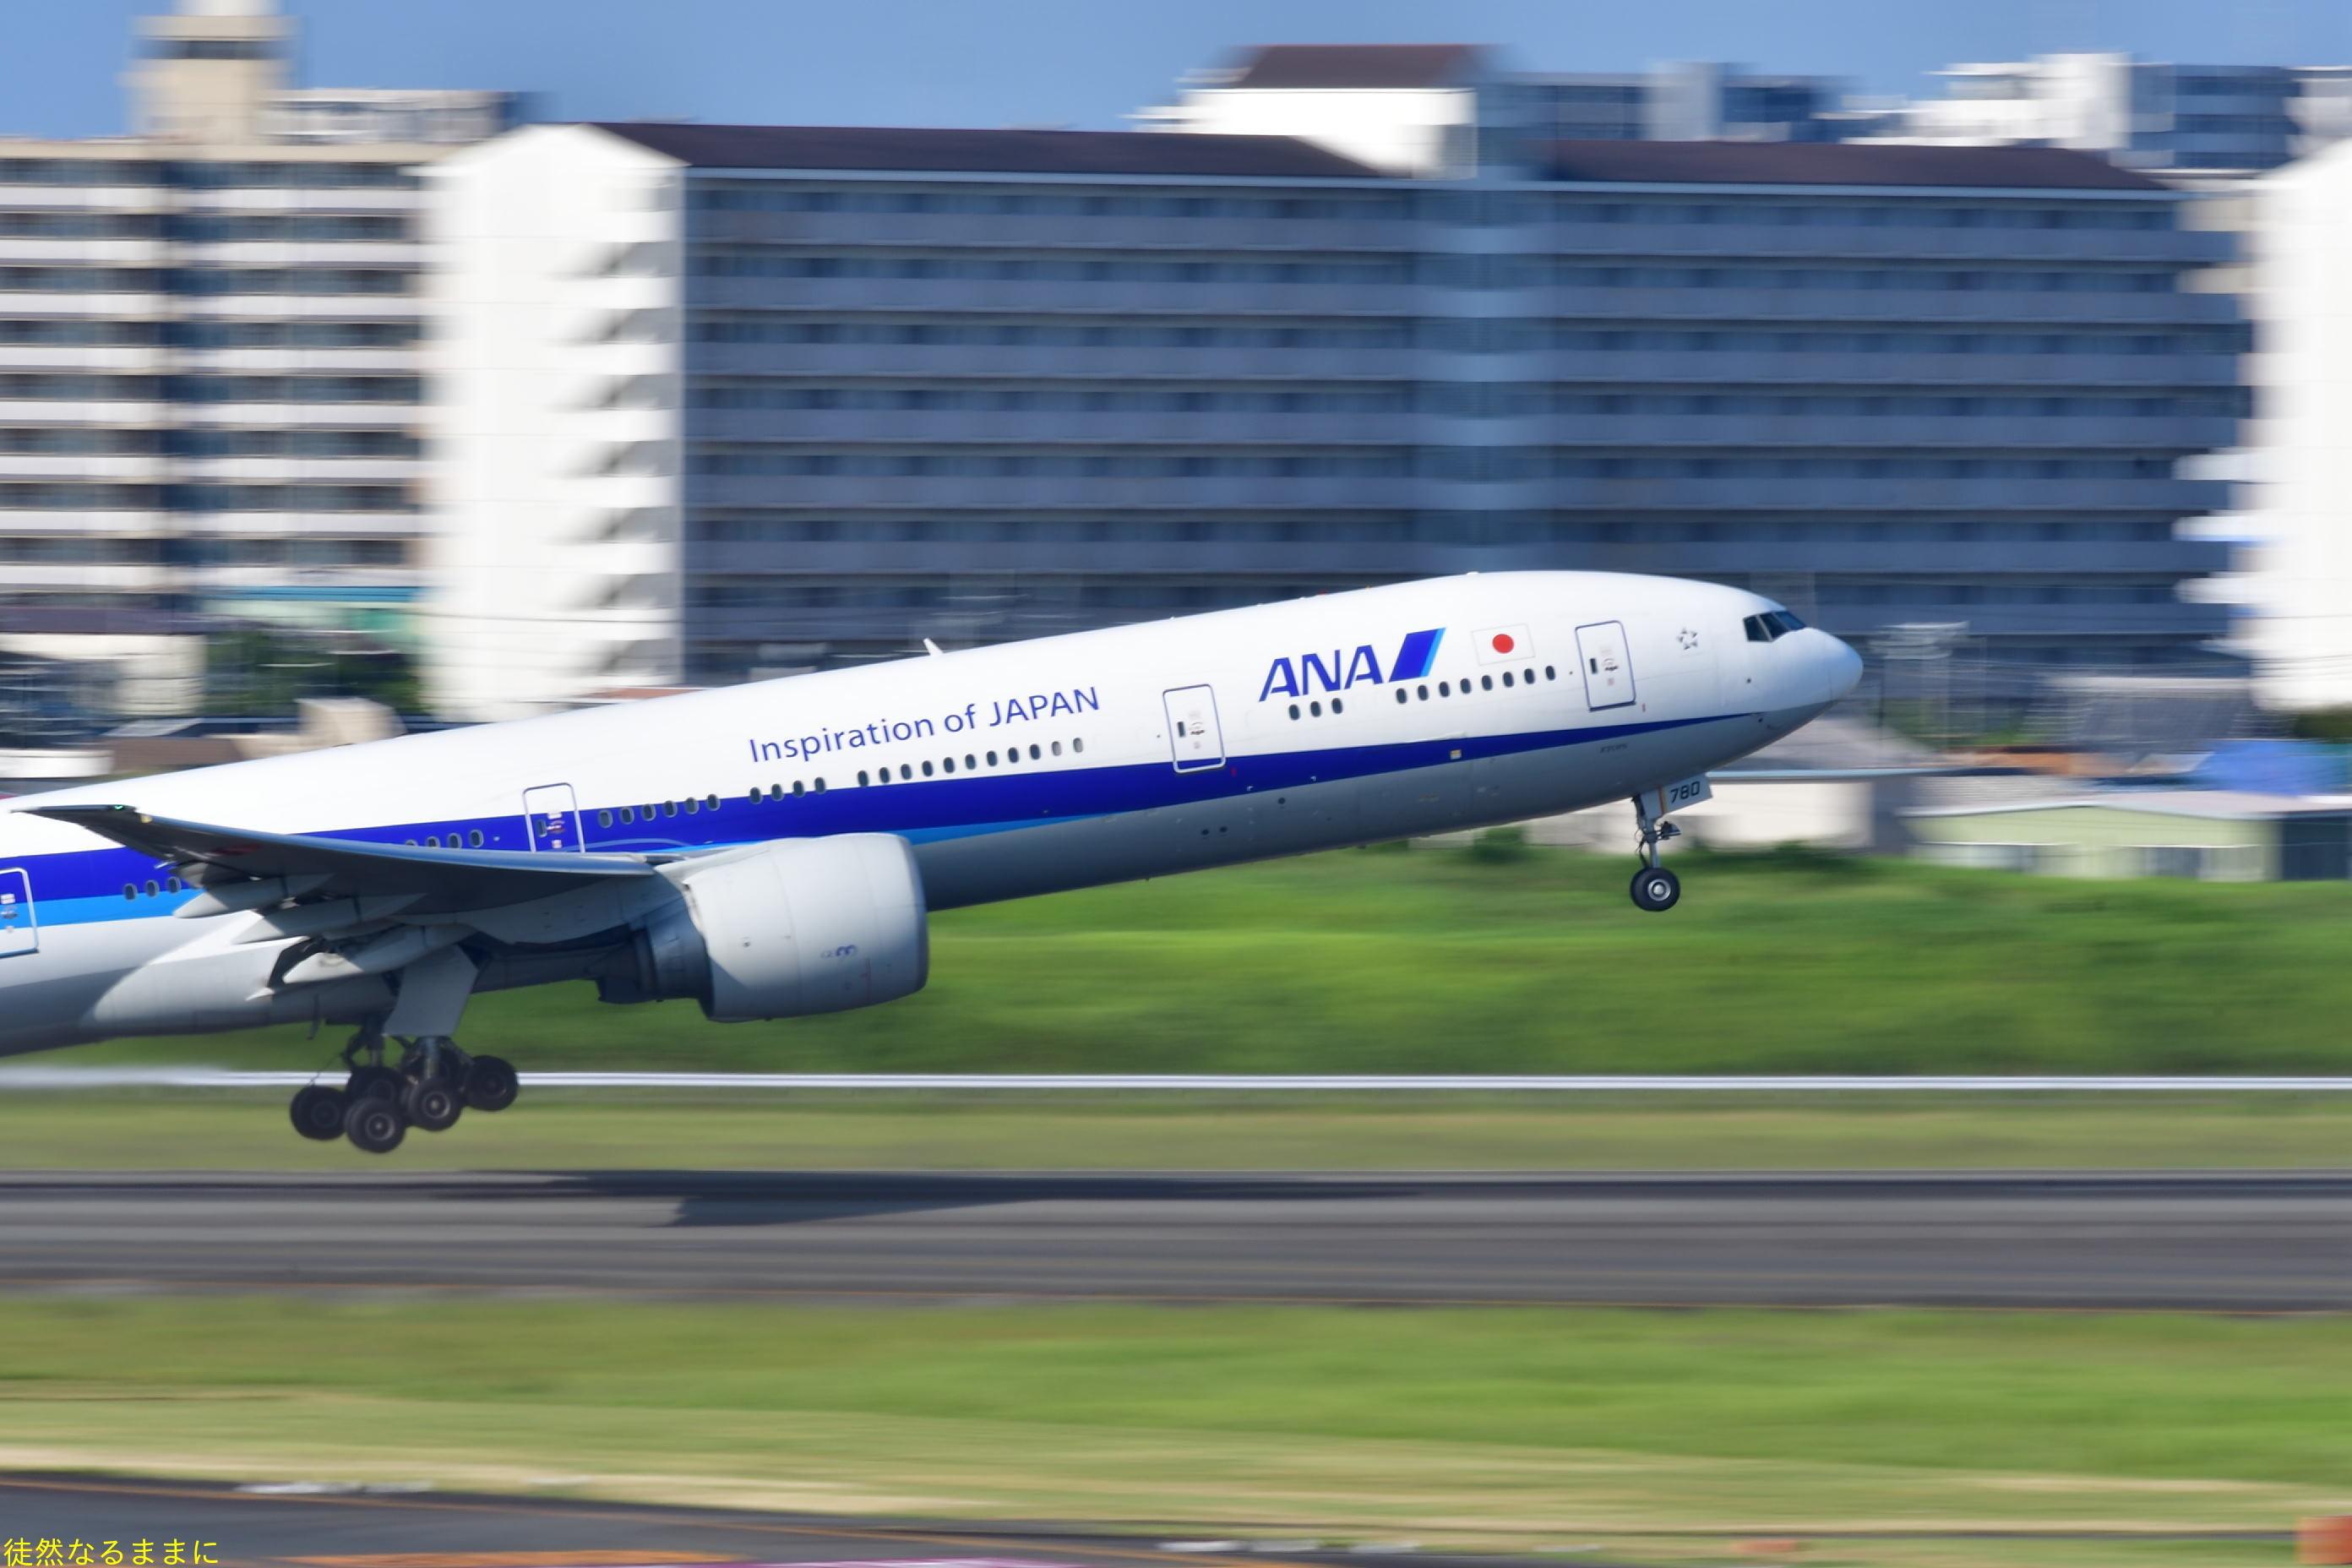 伊丹空港_d0285540_06410489.jpg